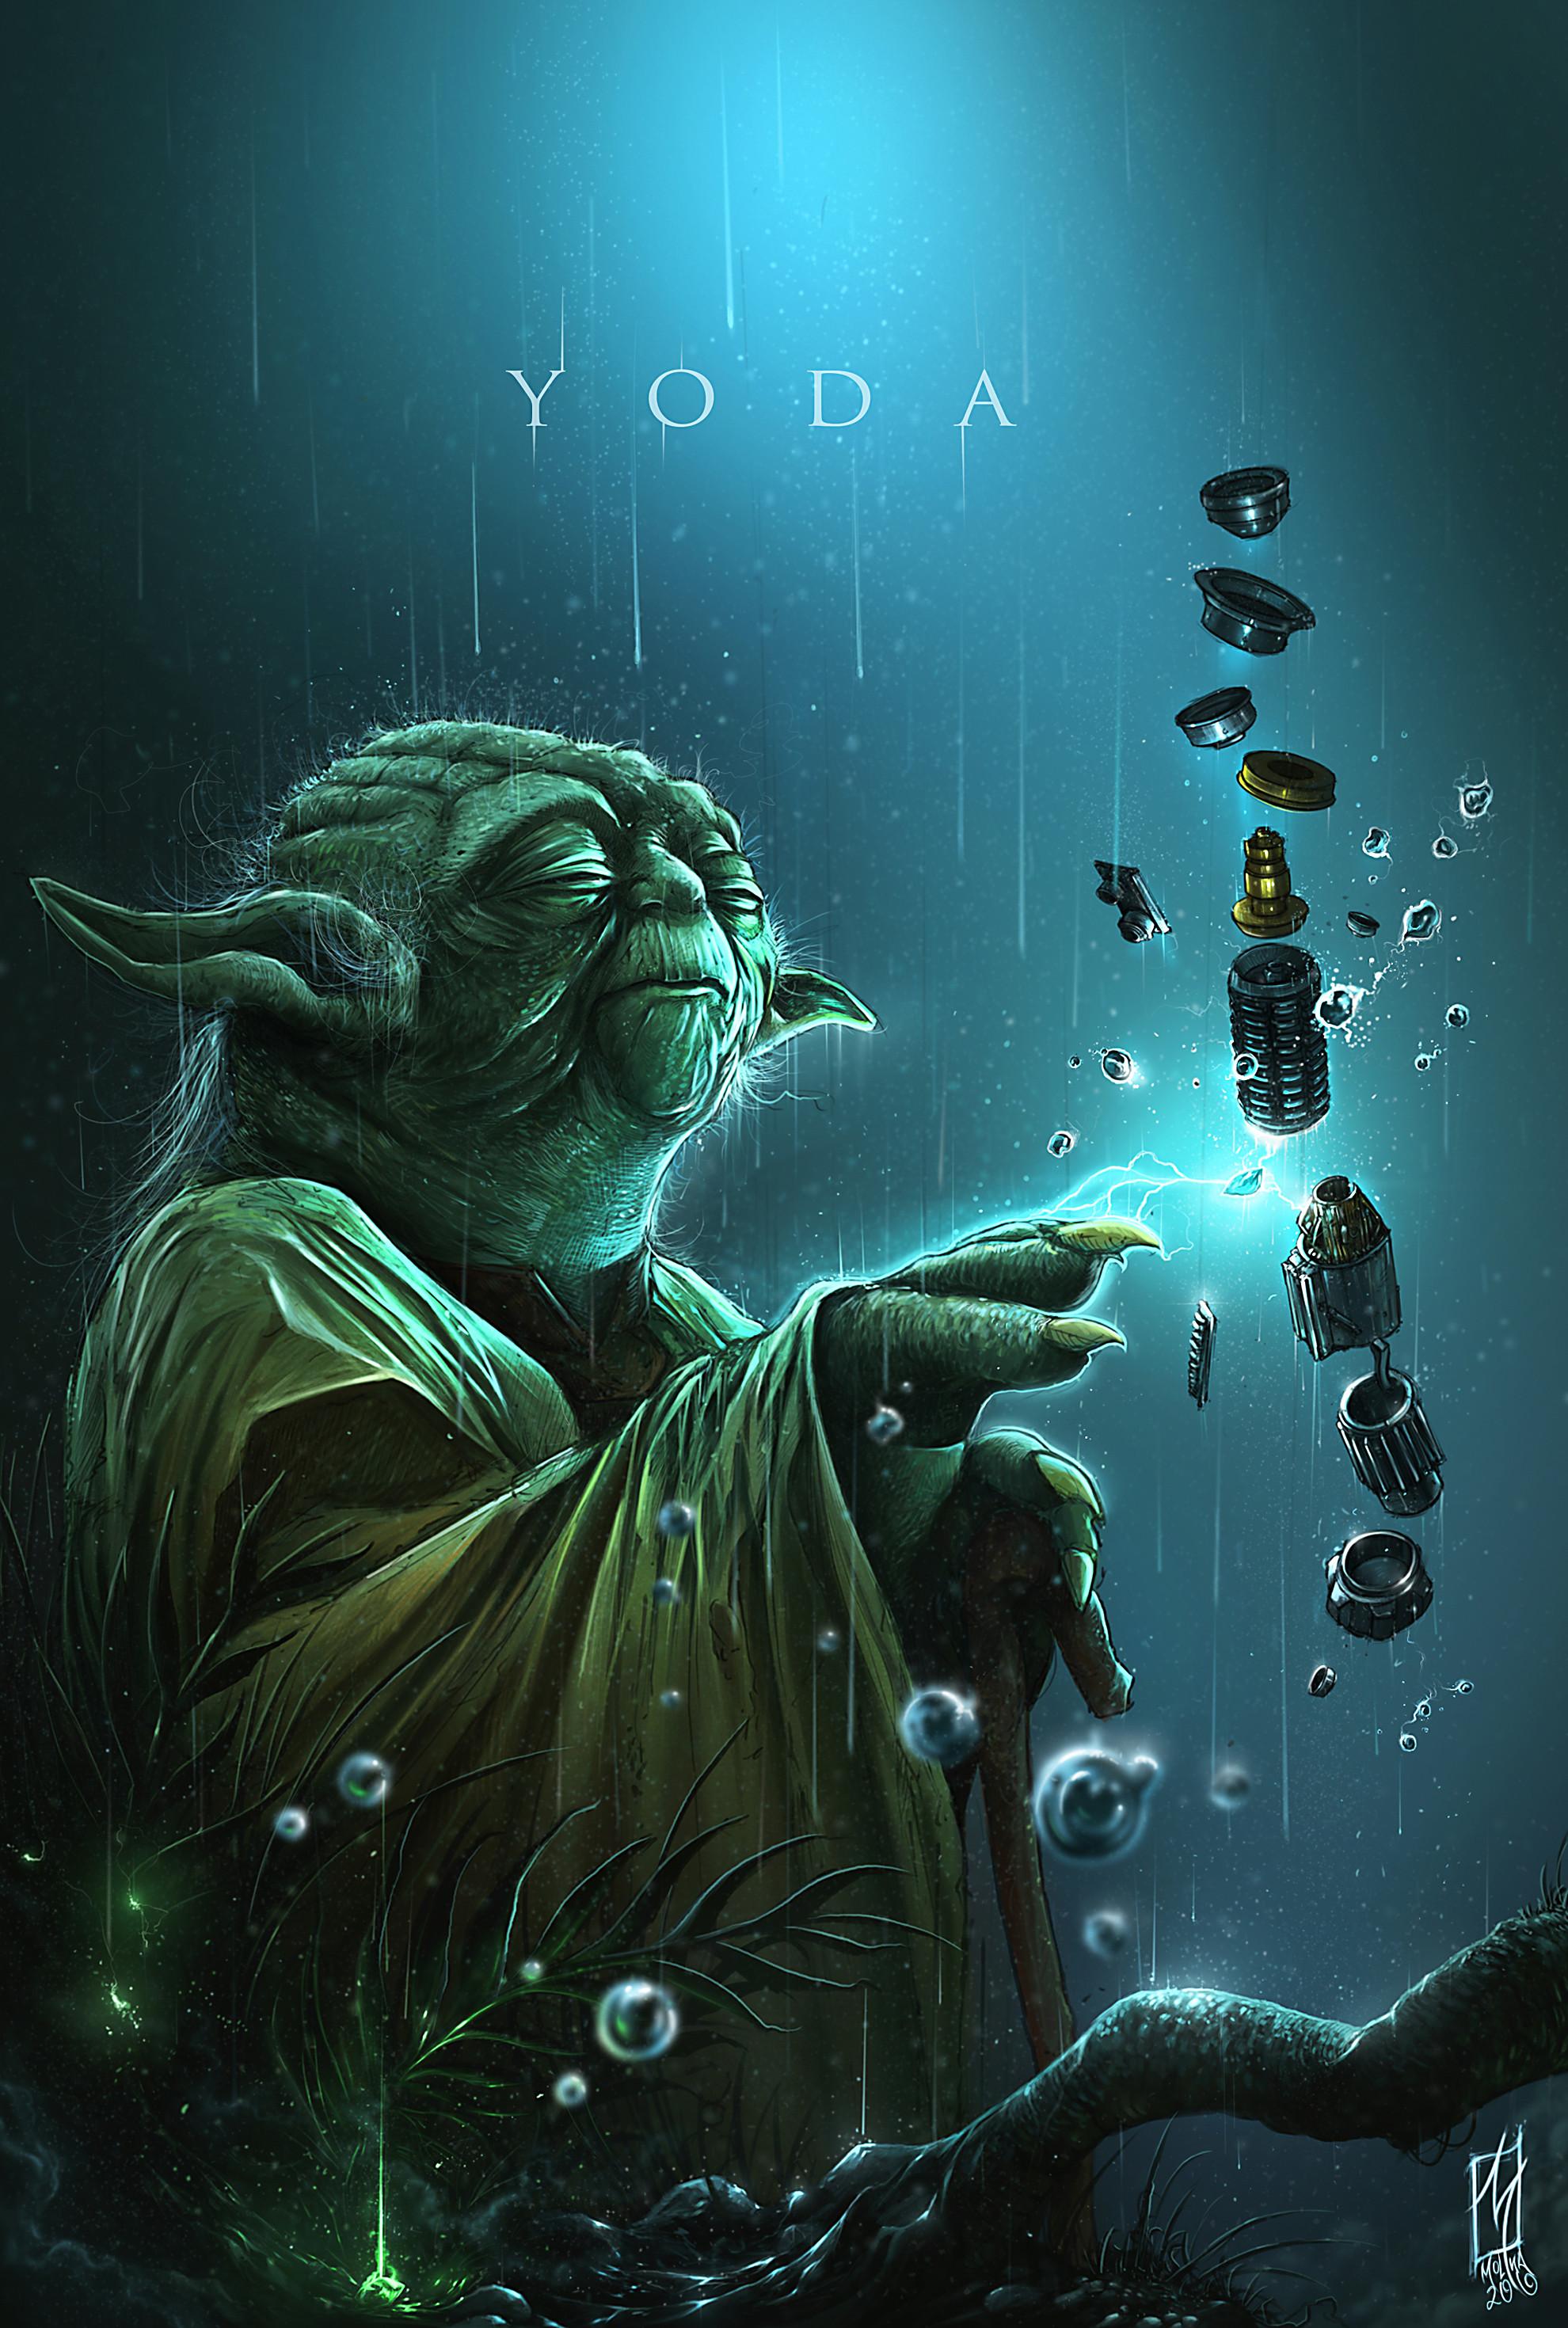 Yoda Constructing